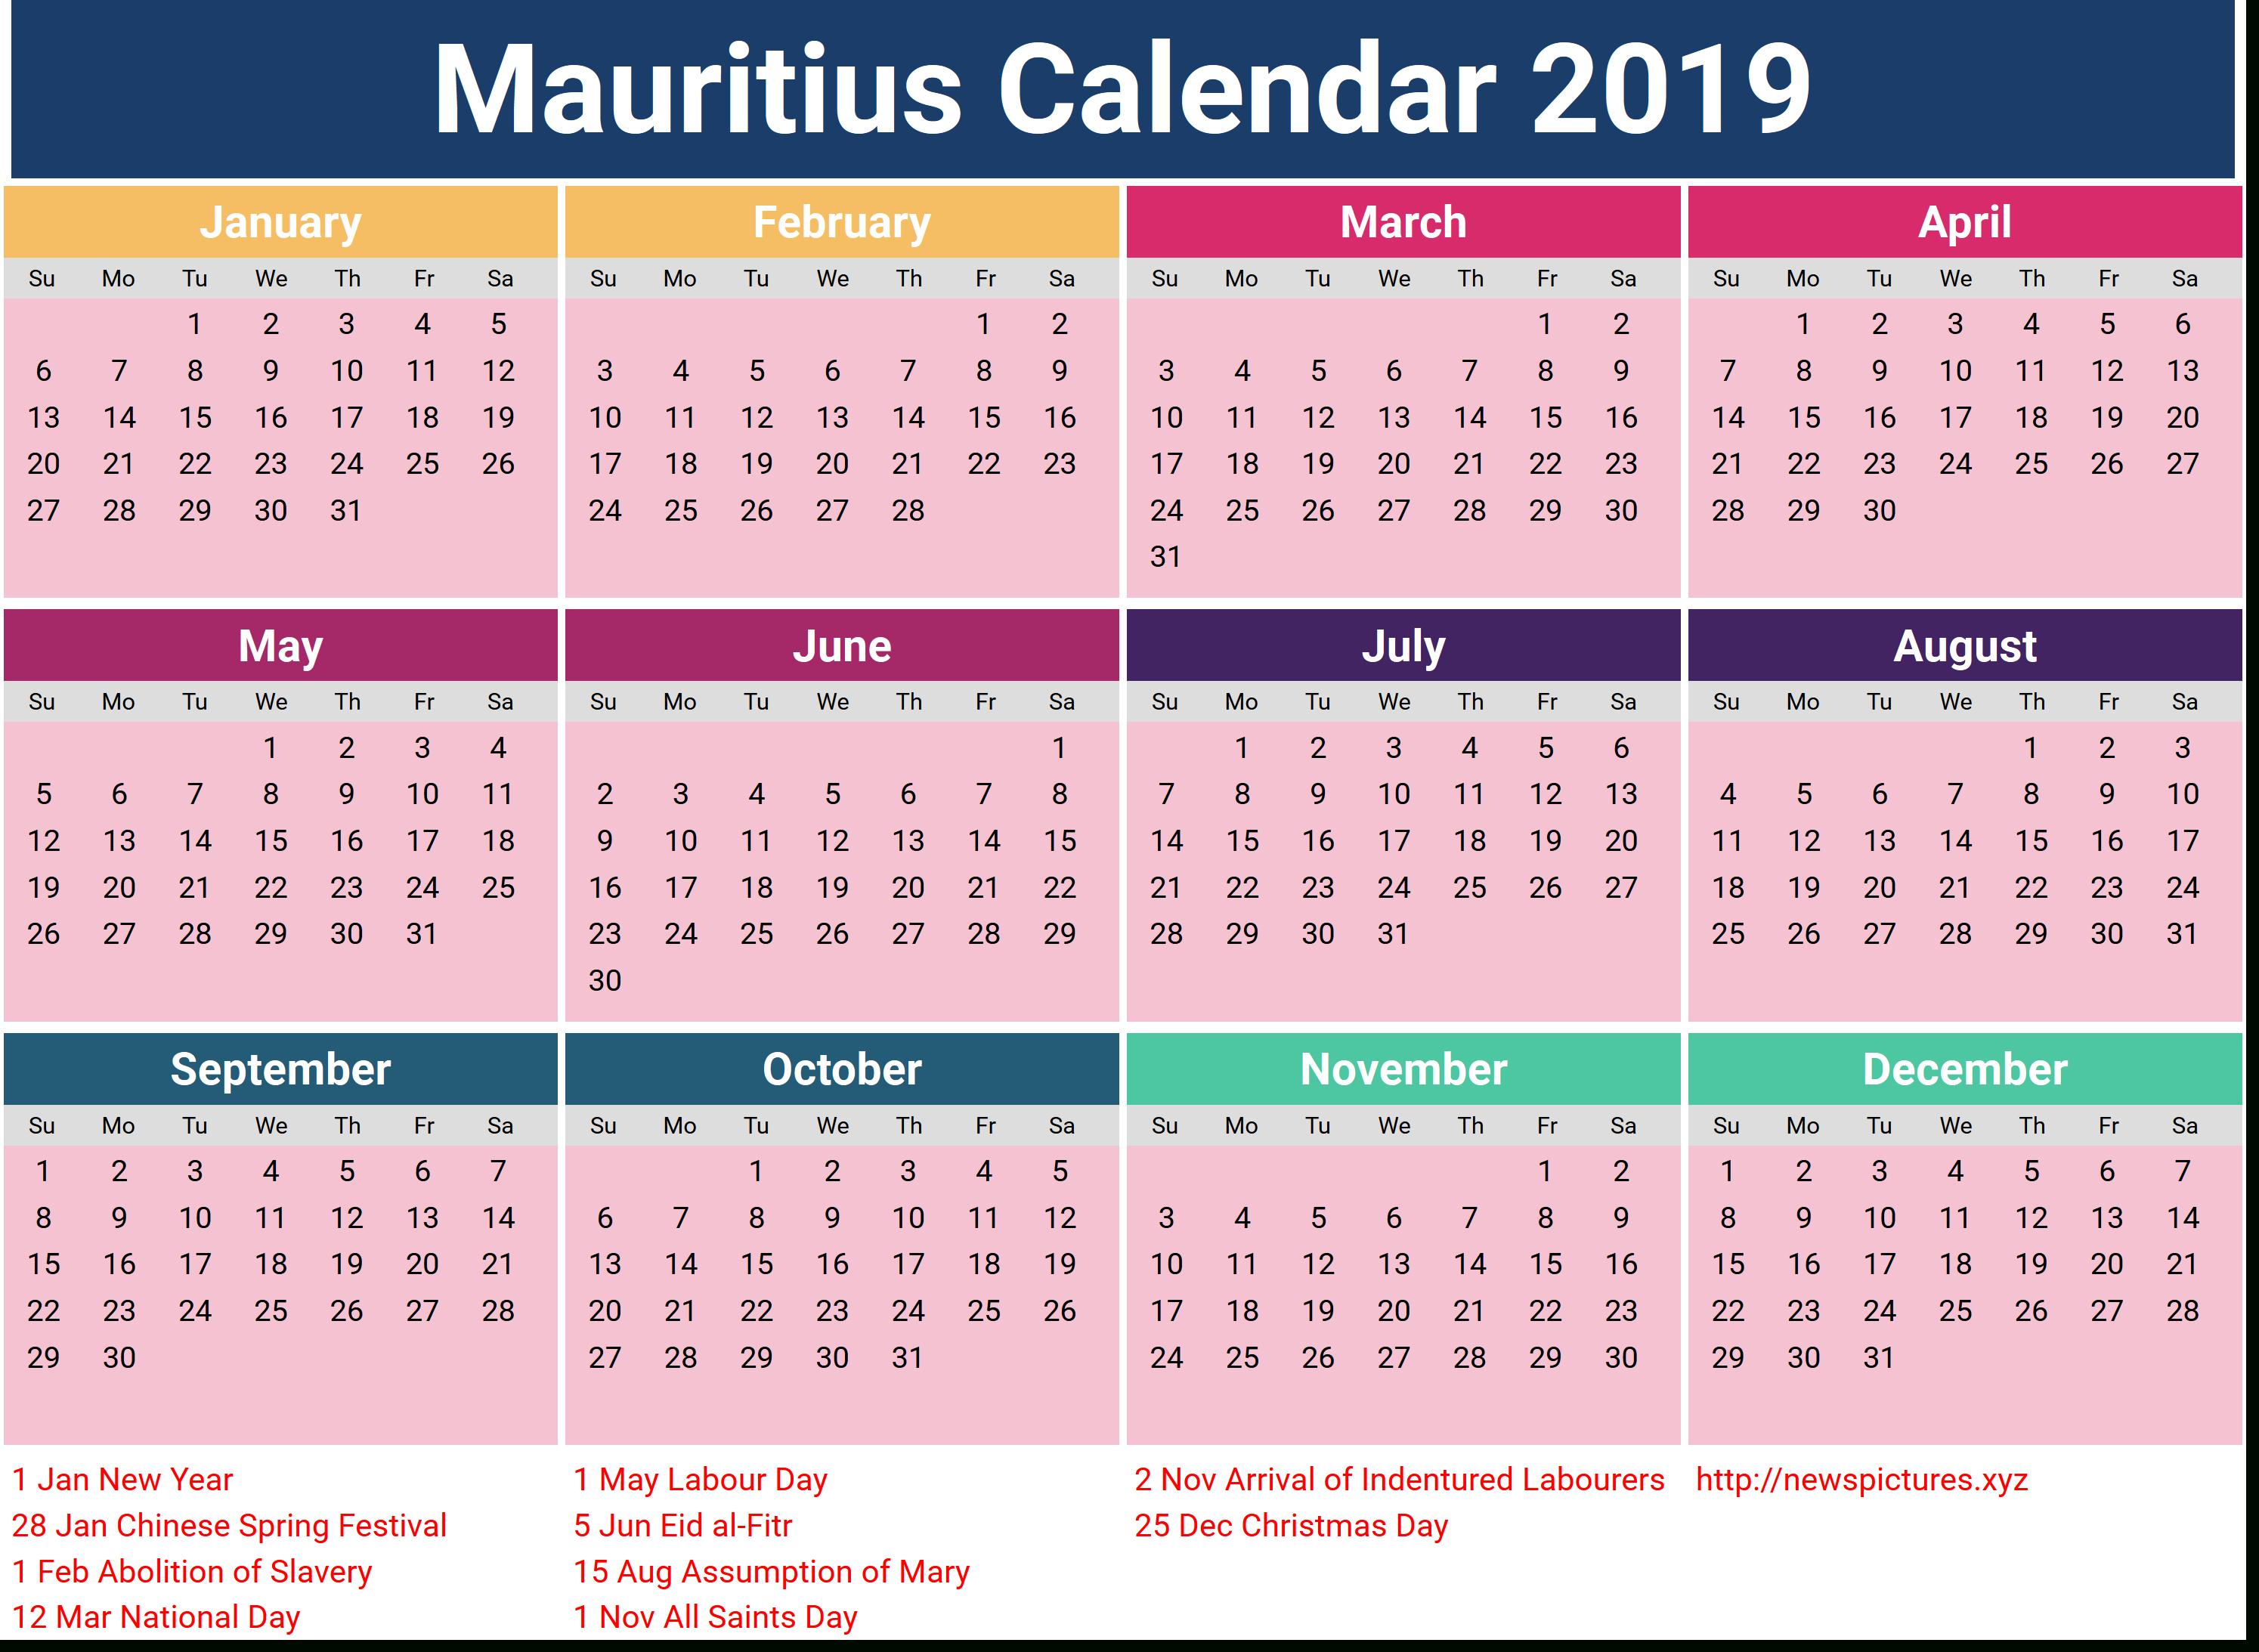 Image For Mauritius Calendar 2019 With Holidays | Calendar with Excel Lunar Calendar Formula